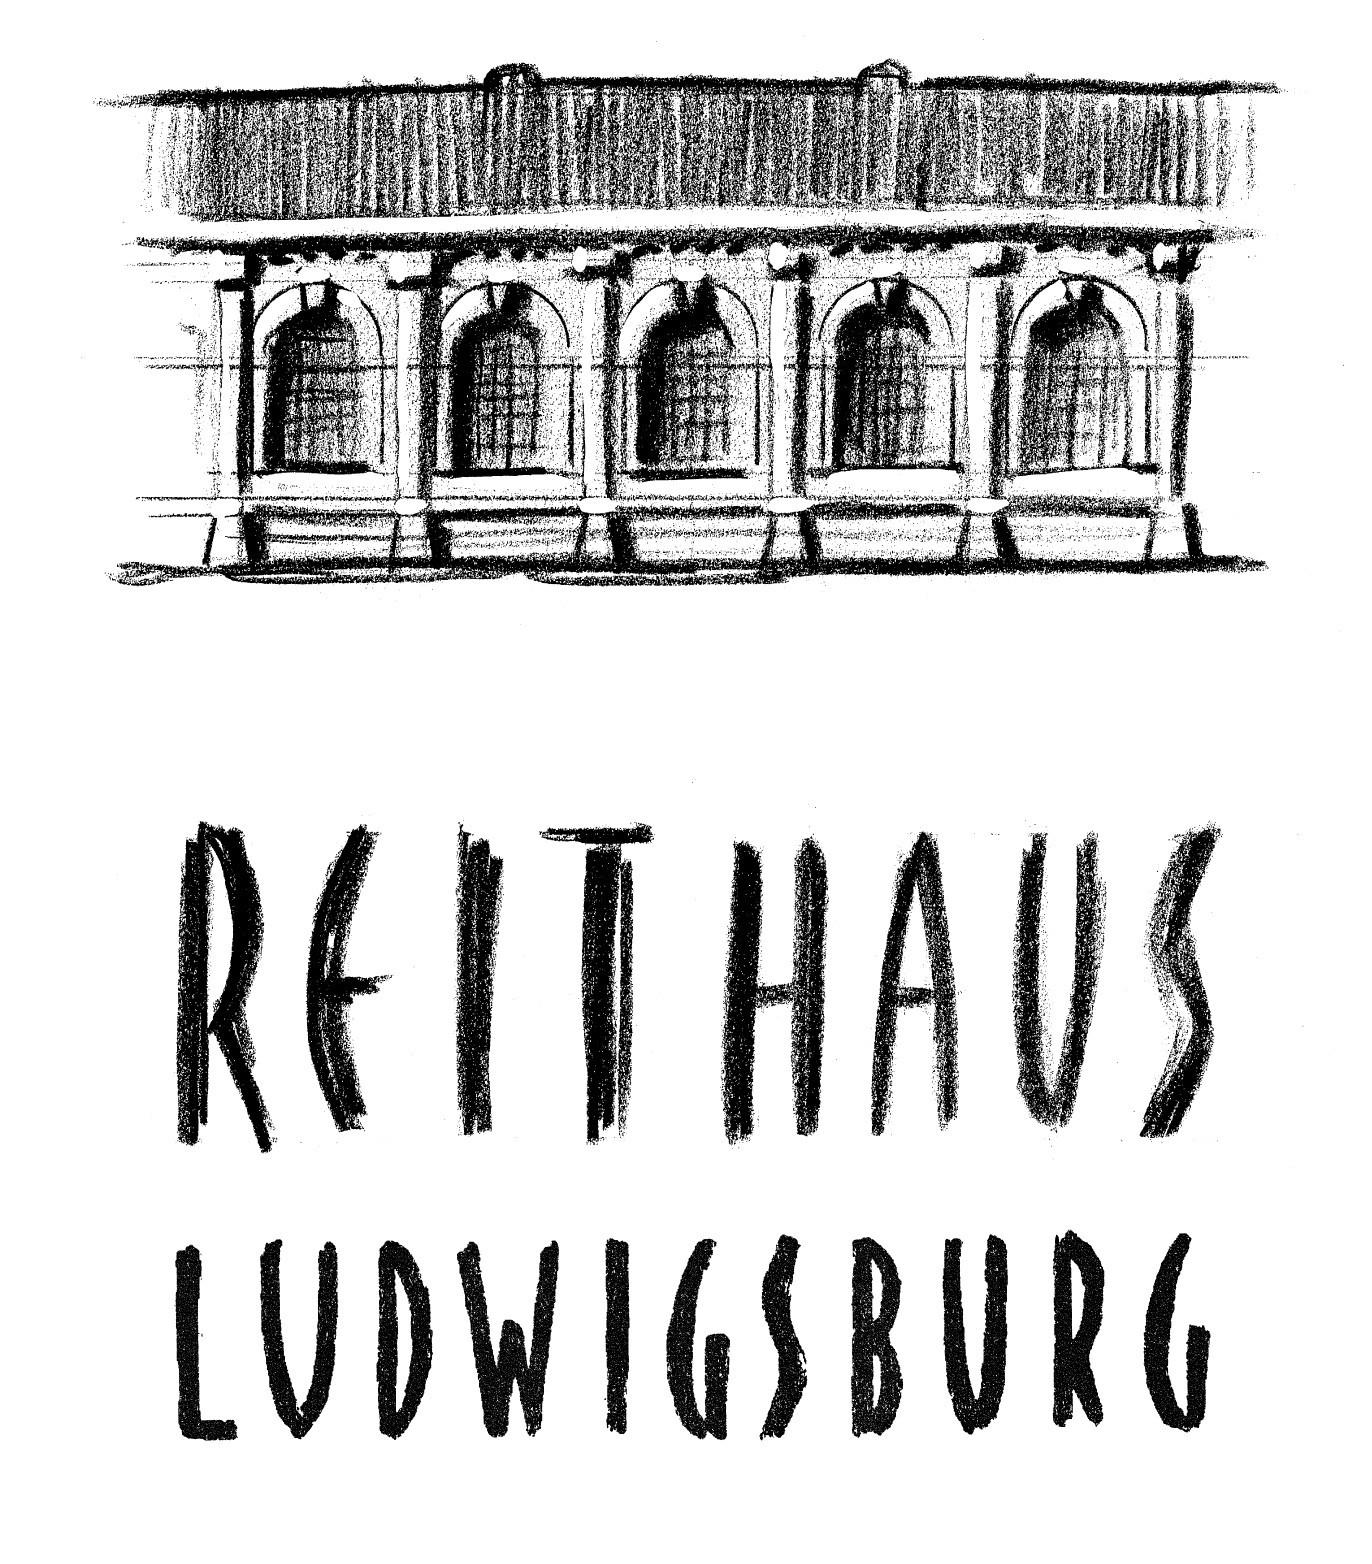 Wohnungsbau Ludwigsburg GmbH